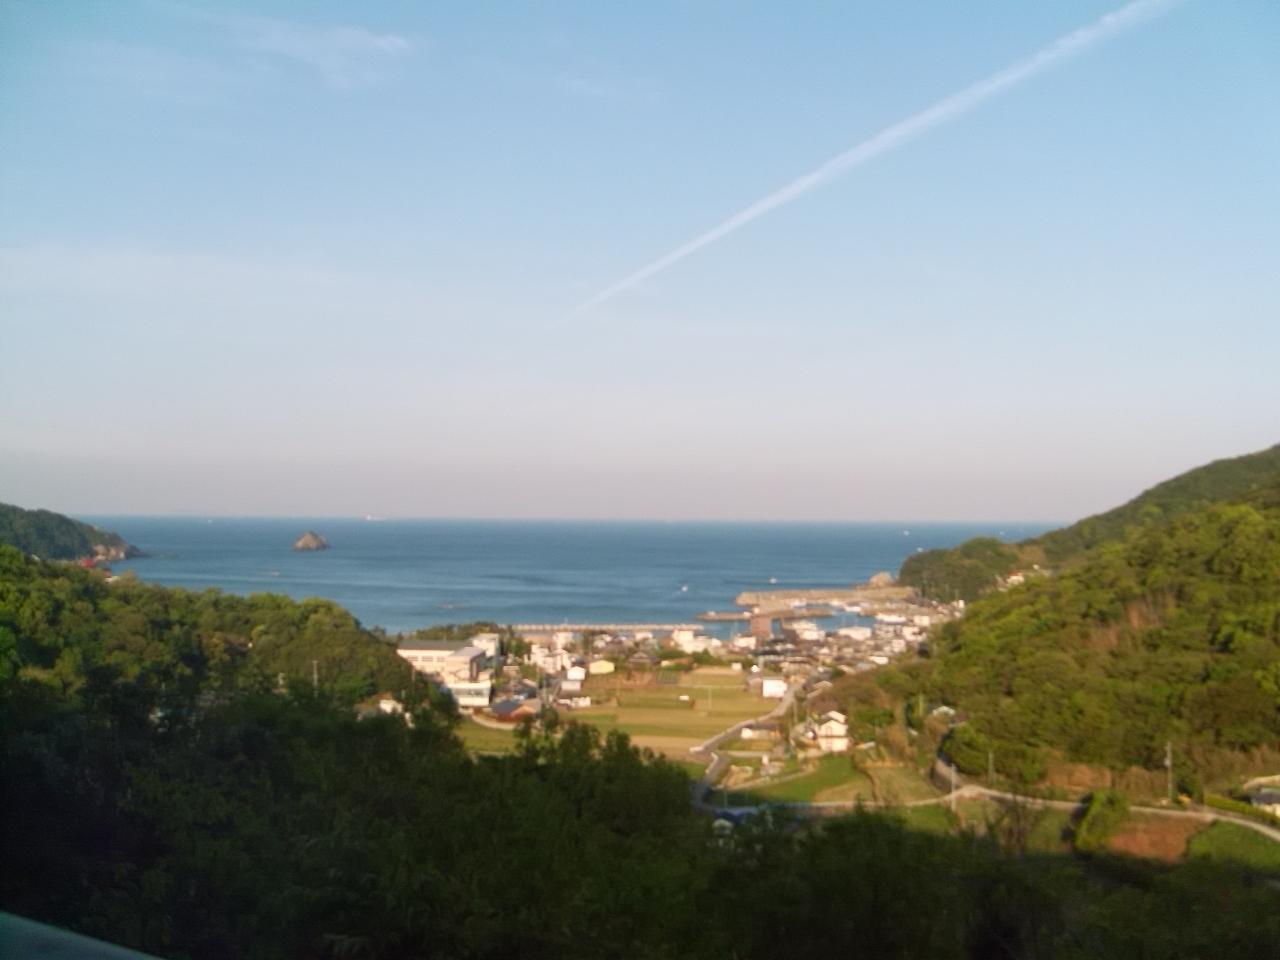 インストラクターコース(IE 1/2)、ダイビング資格で石垣島へ移住大作戦決行!